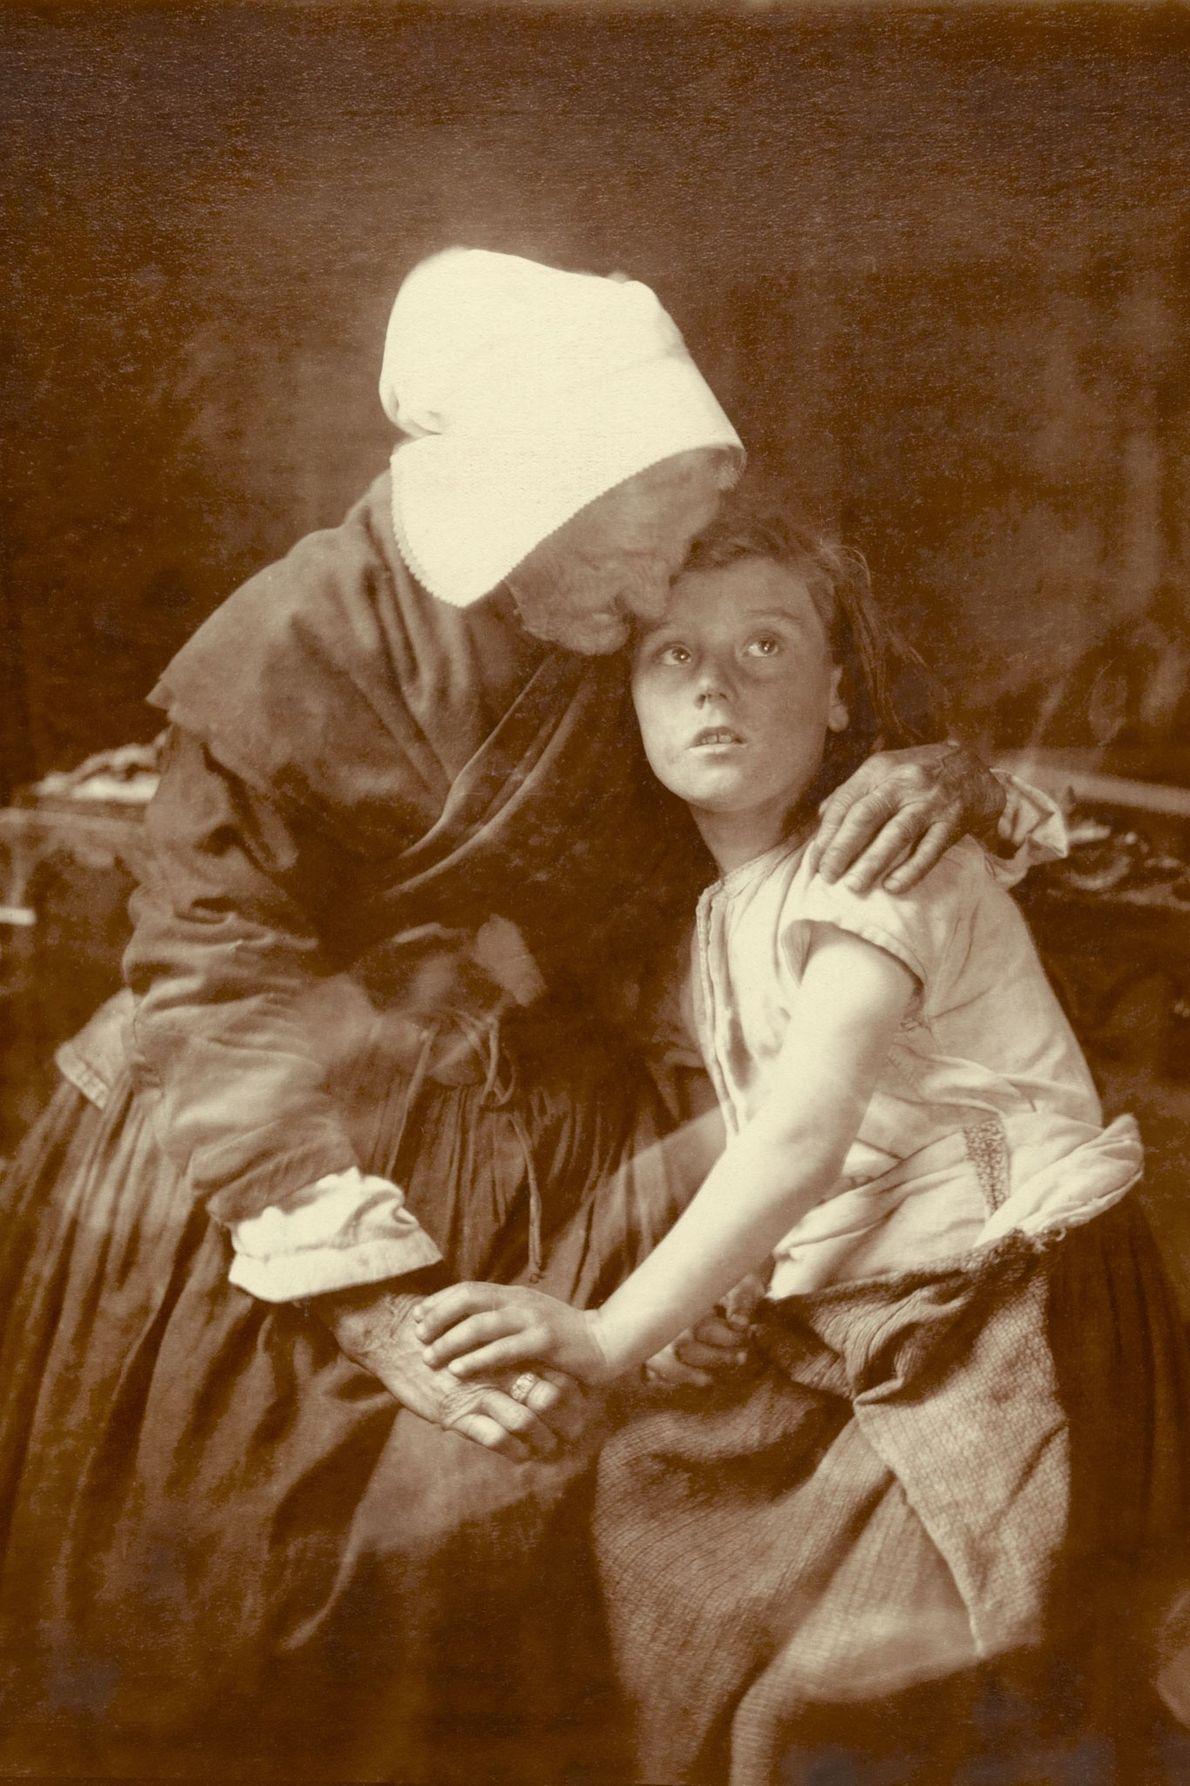 Une grand-mère flamande embrasse un enfant, en Belgique.